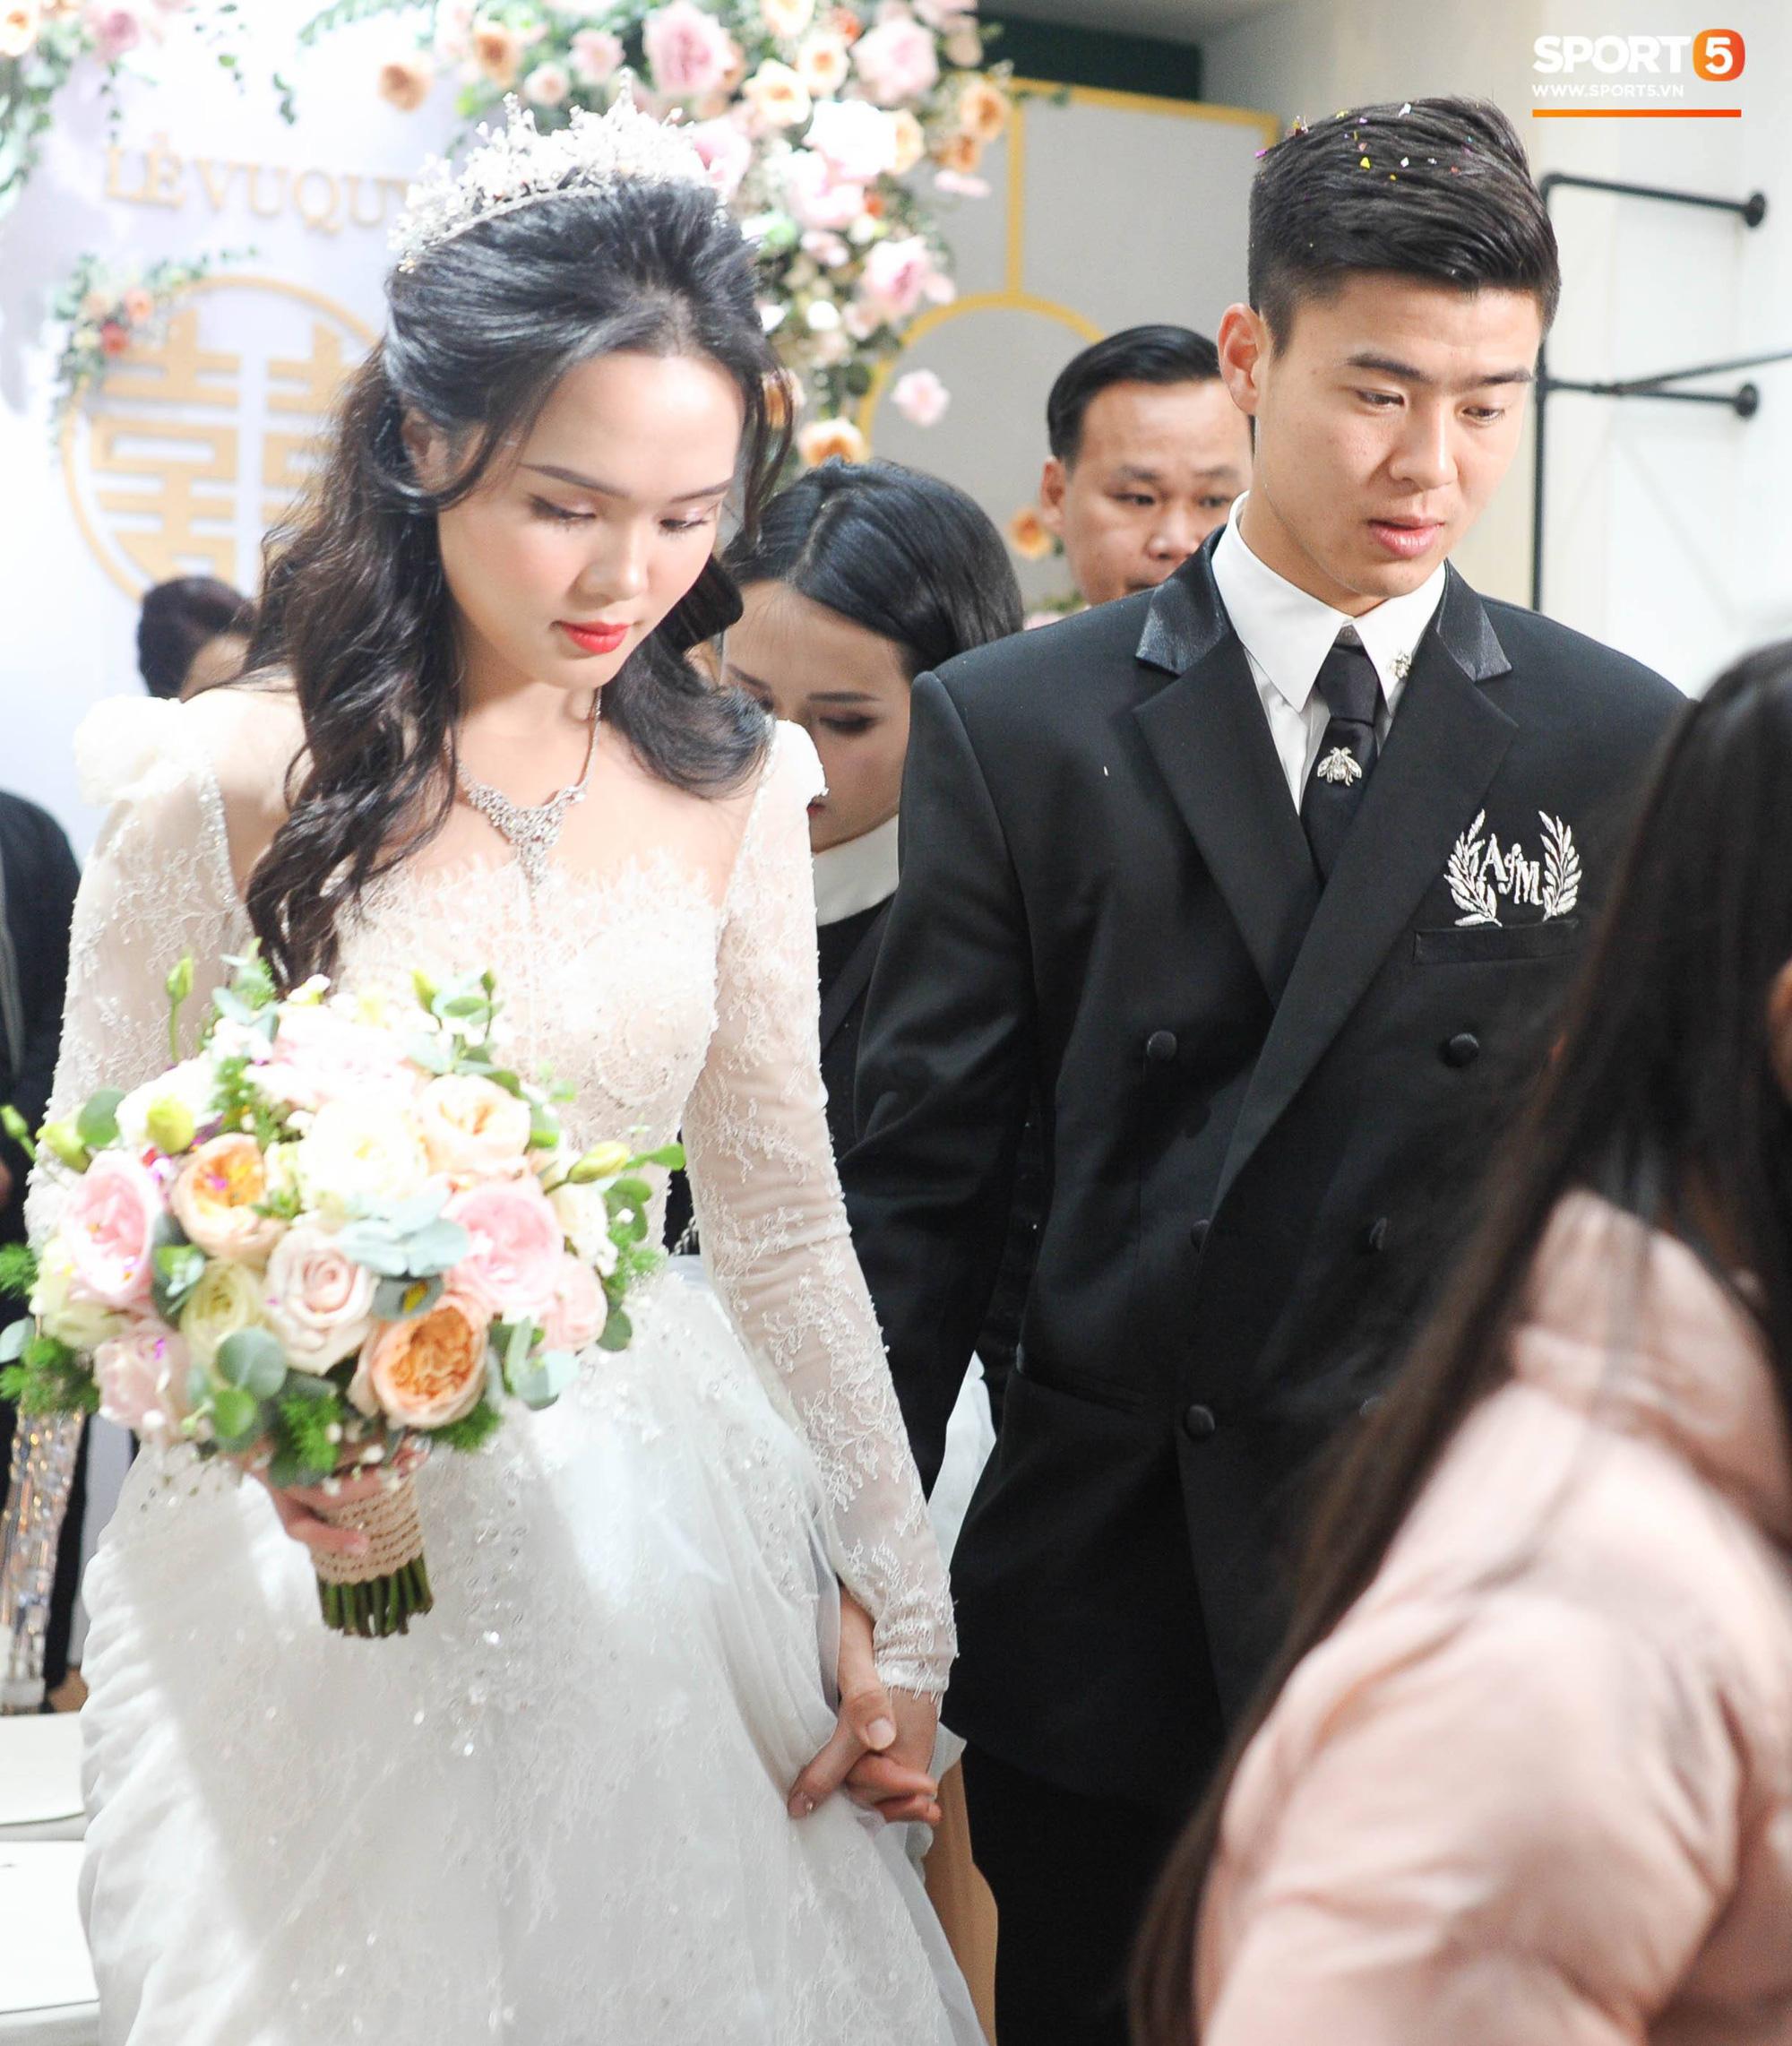 Sau lần 'trang điểm sương sương' tai hại, thợ make-up đã sửa sai giúp Quỳnh Anh trở thành công chúa thật sự 9